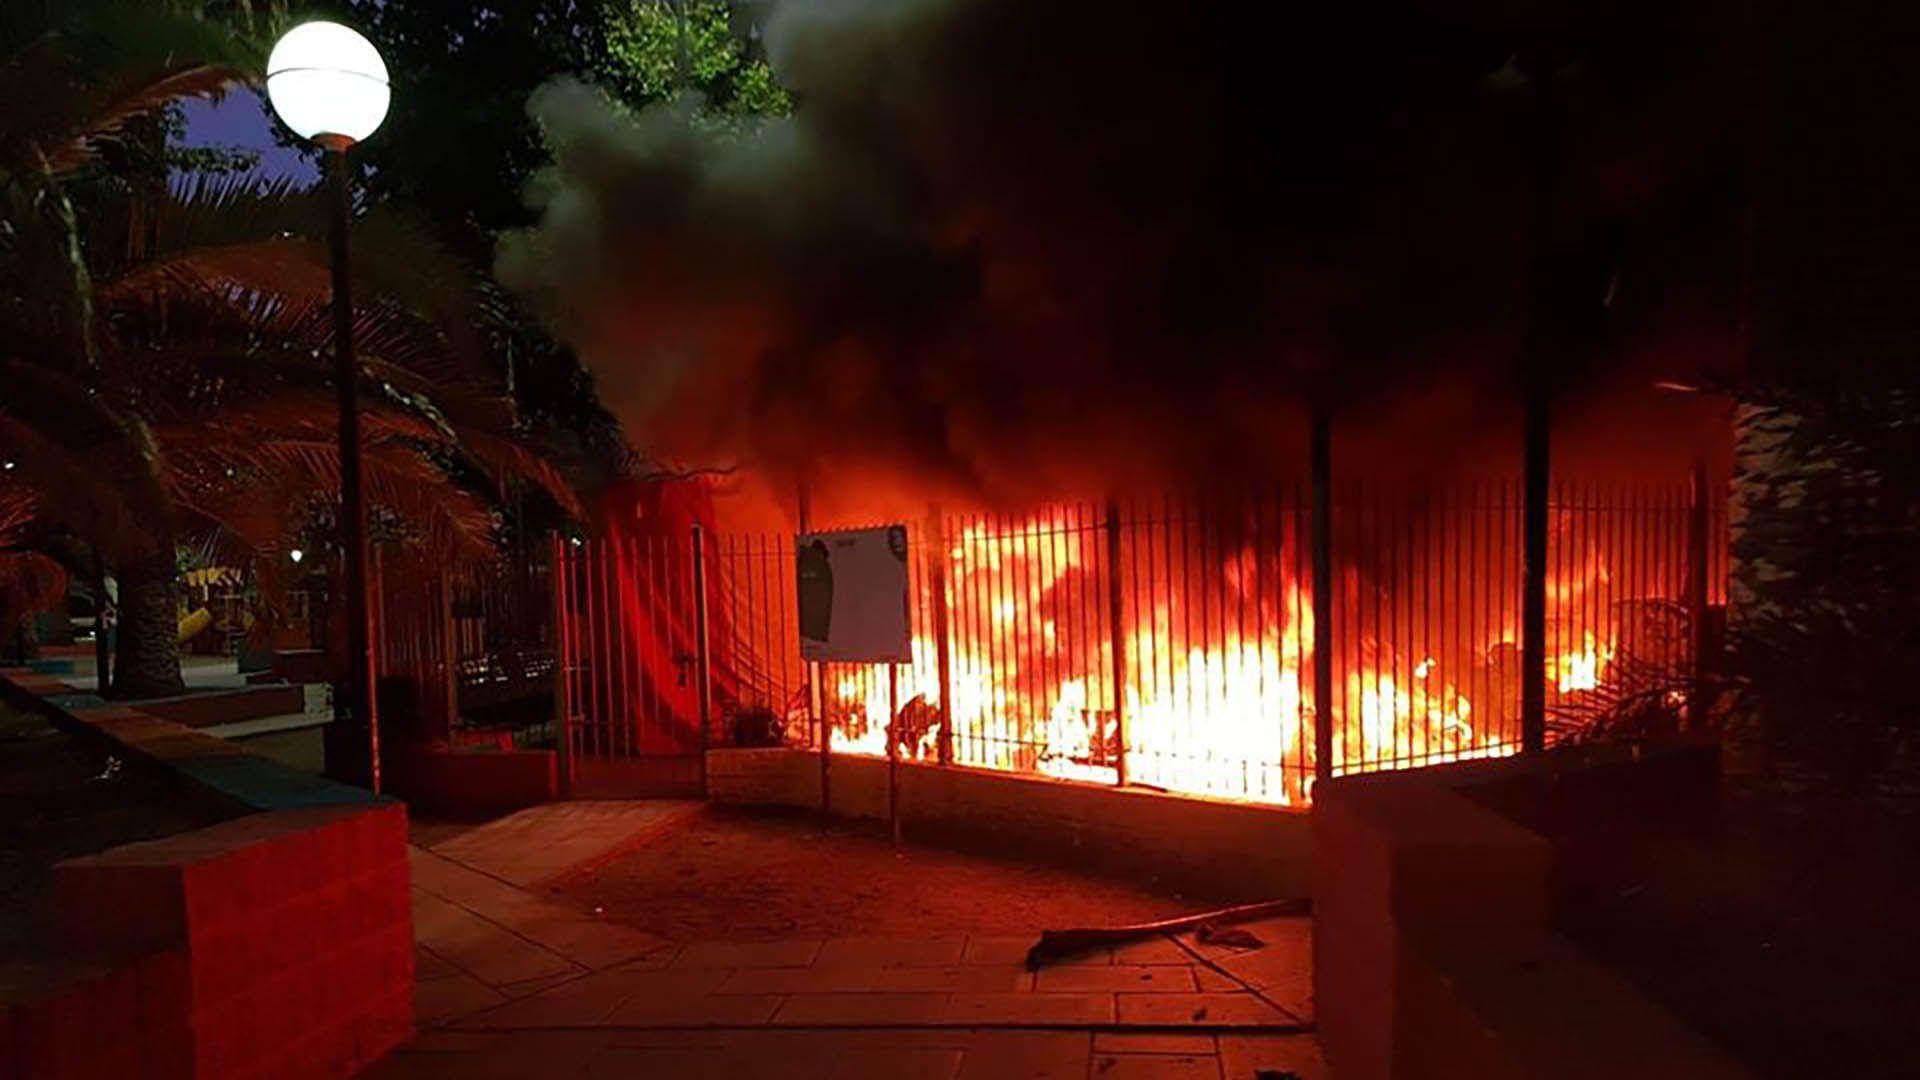 Los vecinos aseguran que el incendio fue intencional (Facebook)